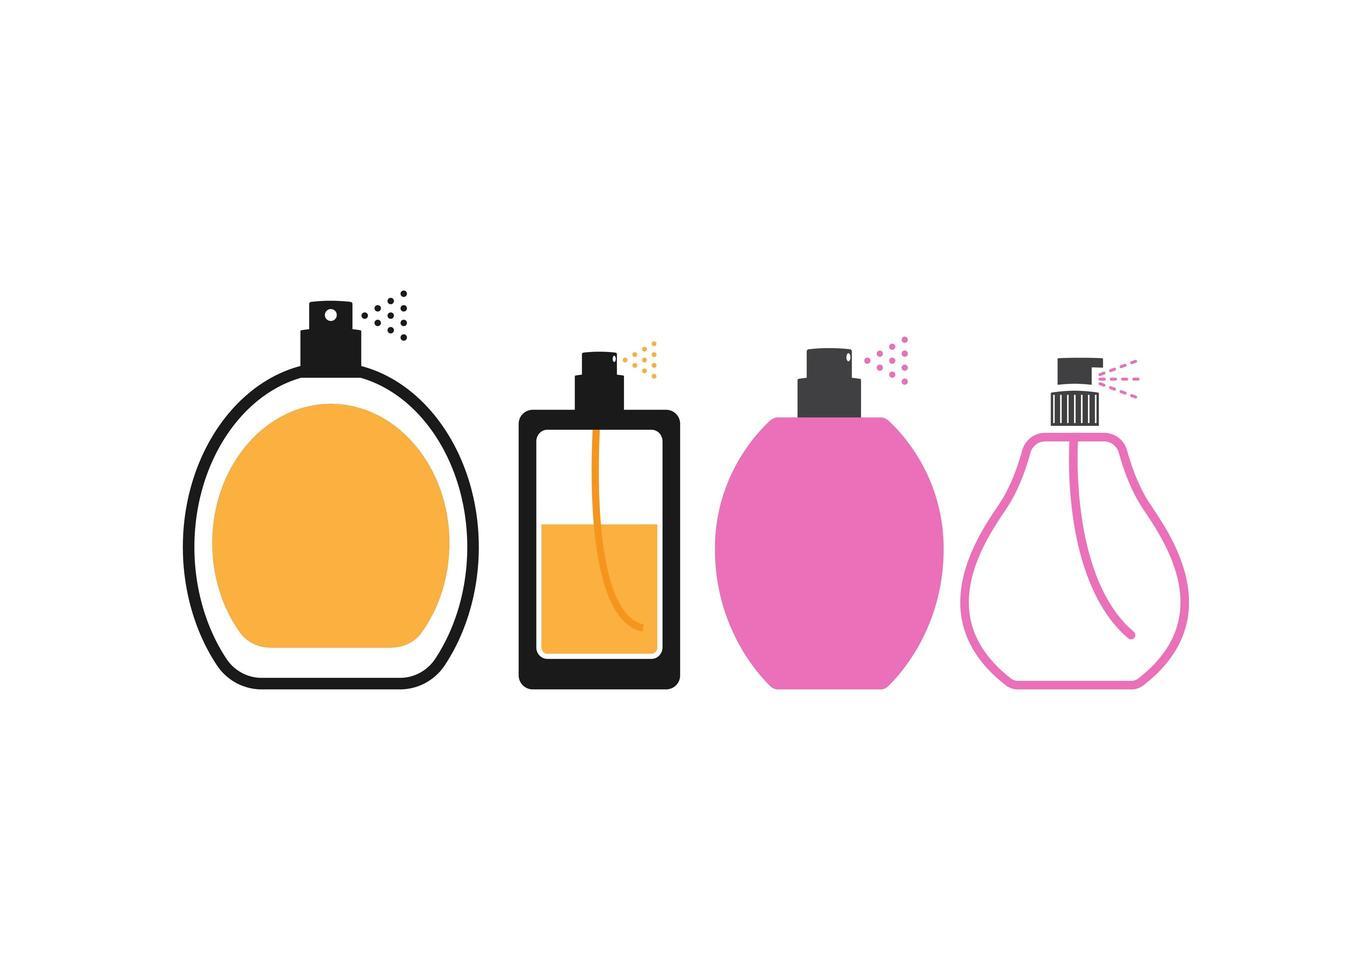 parfum pictogram ontwerpset vector